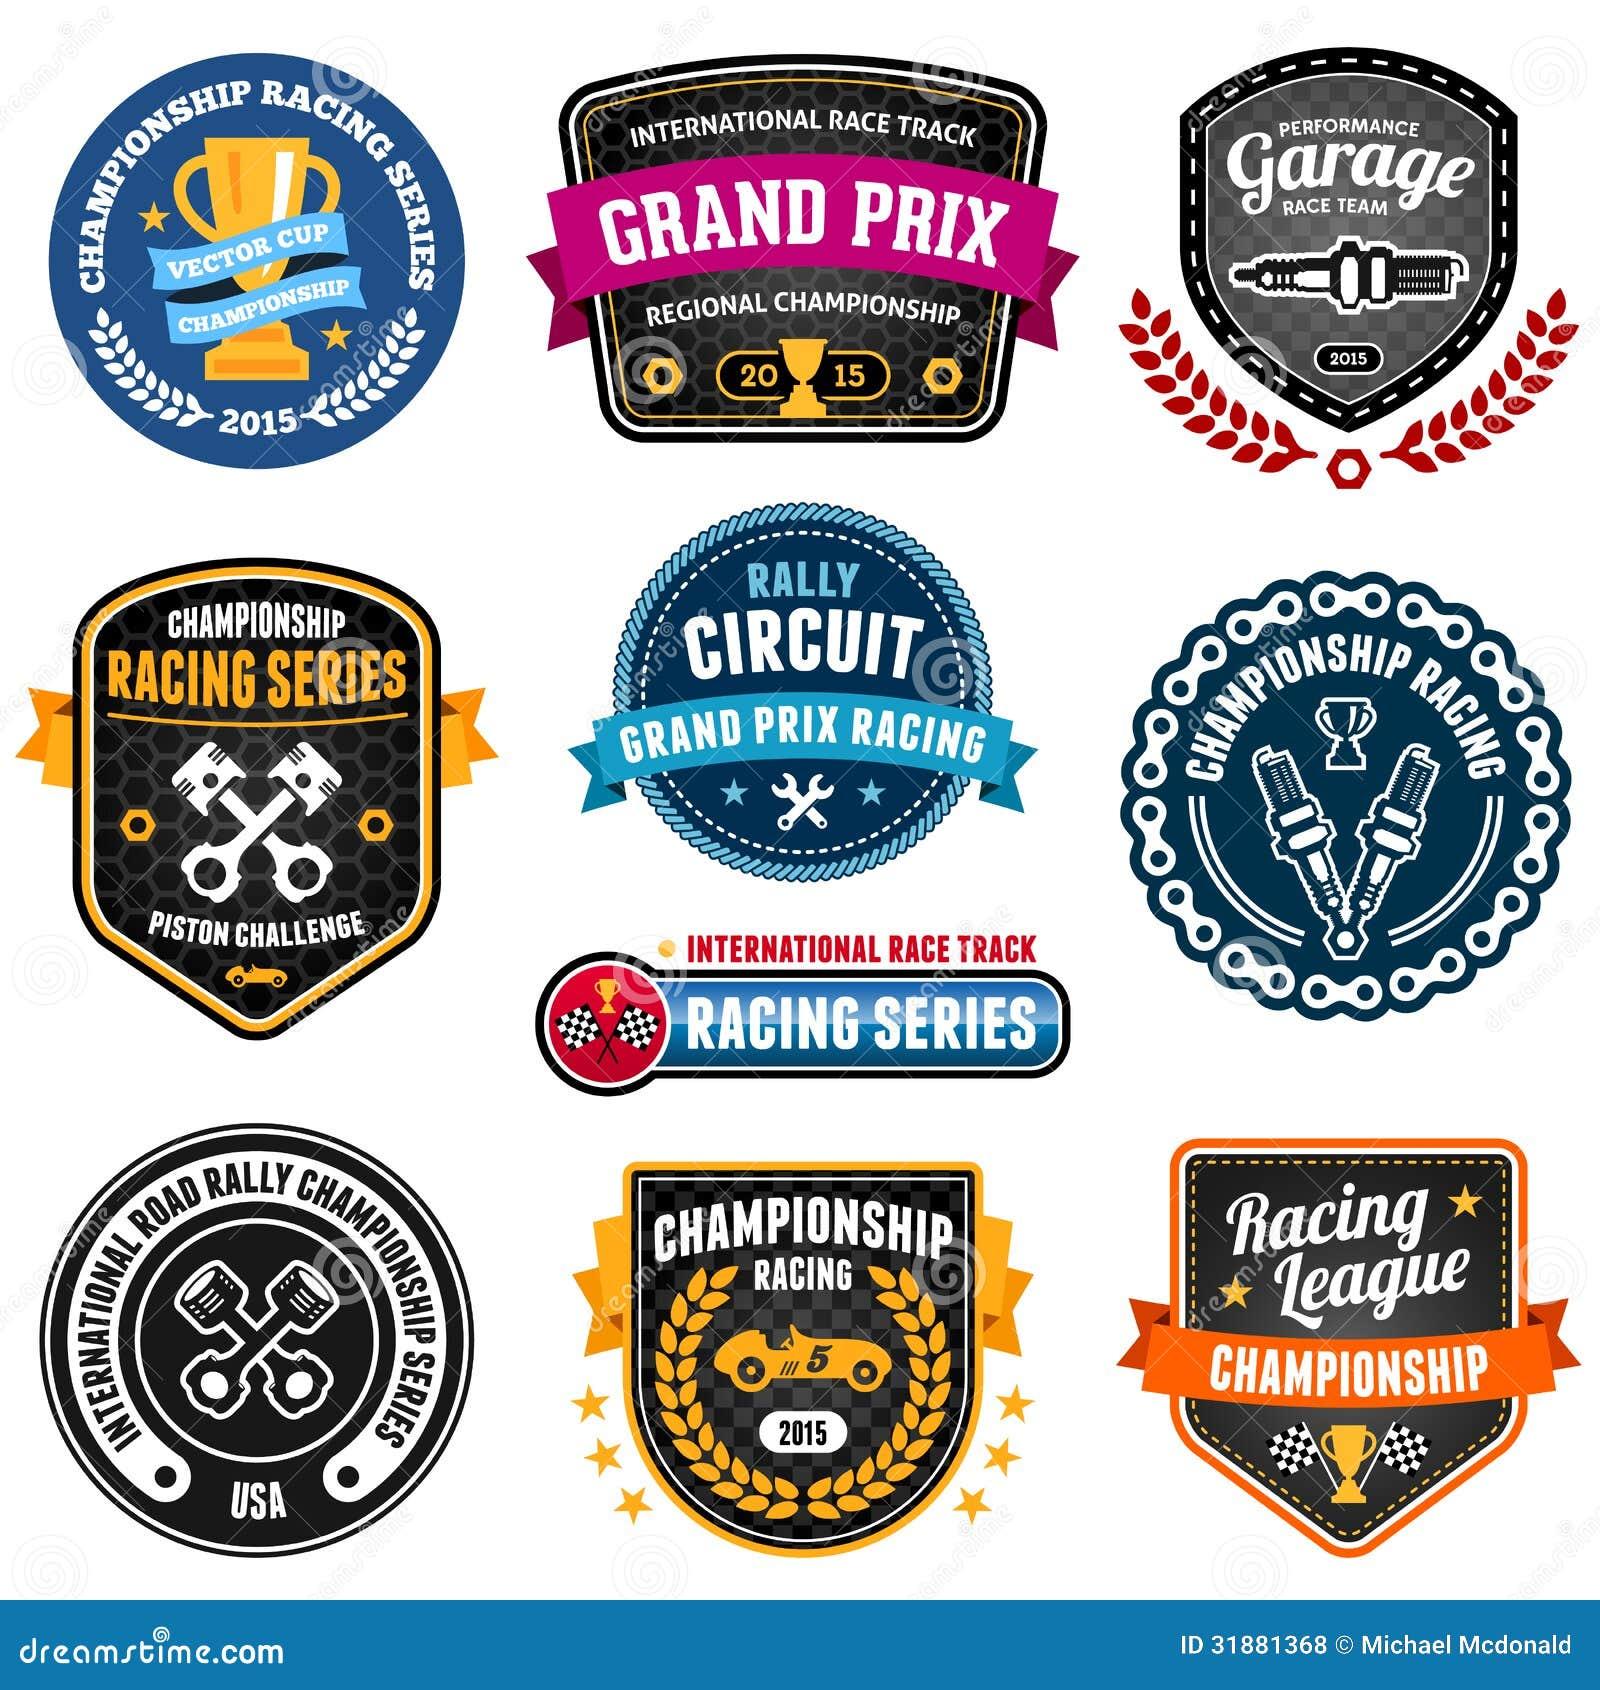 Racing Emblems Royalty Free Stock Photos Image 31881368